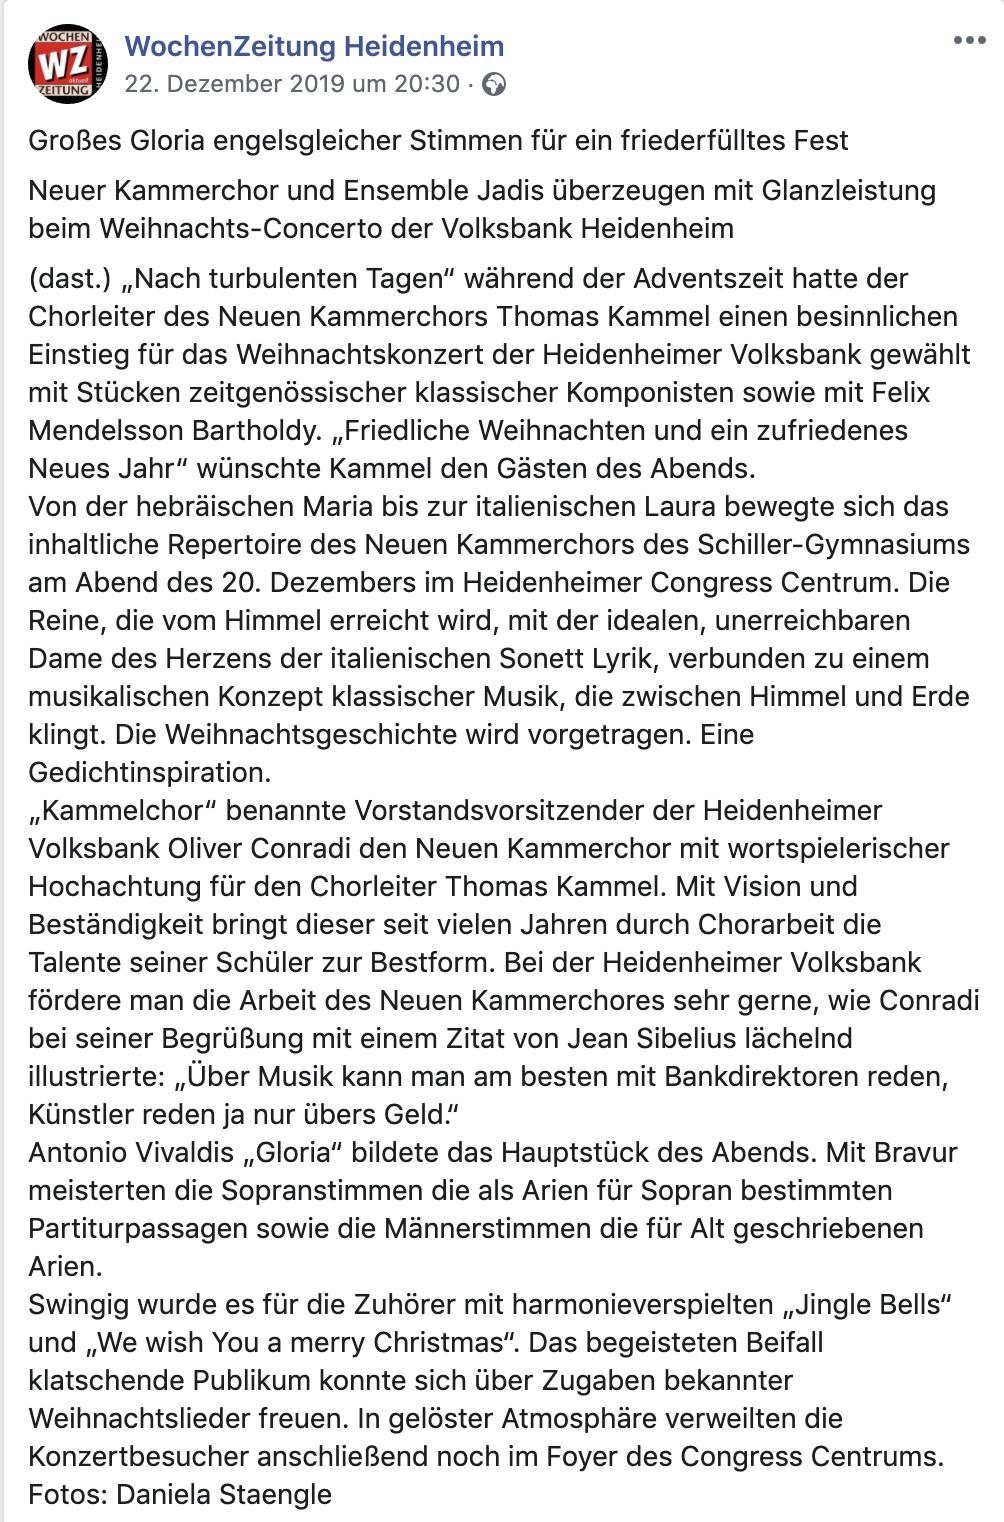 Wochenzeitung-22-12-2019.png